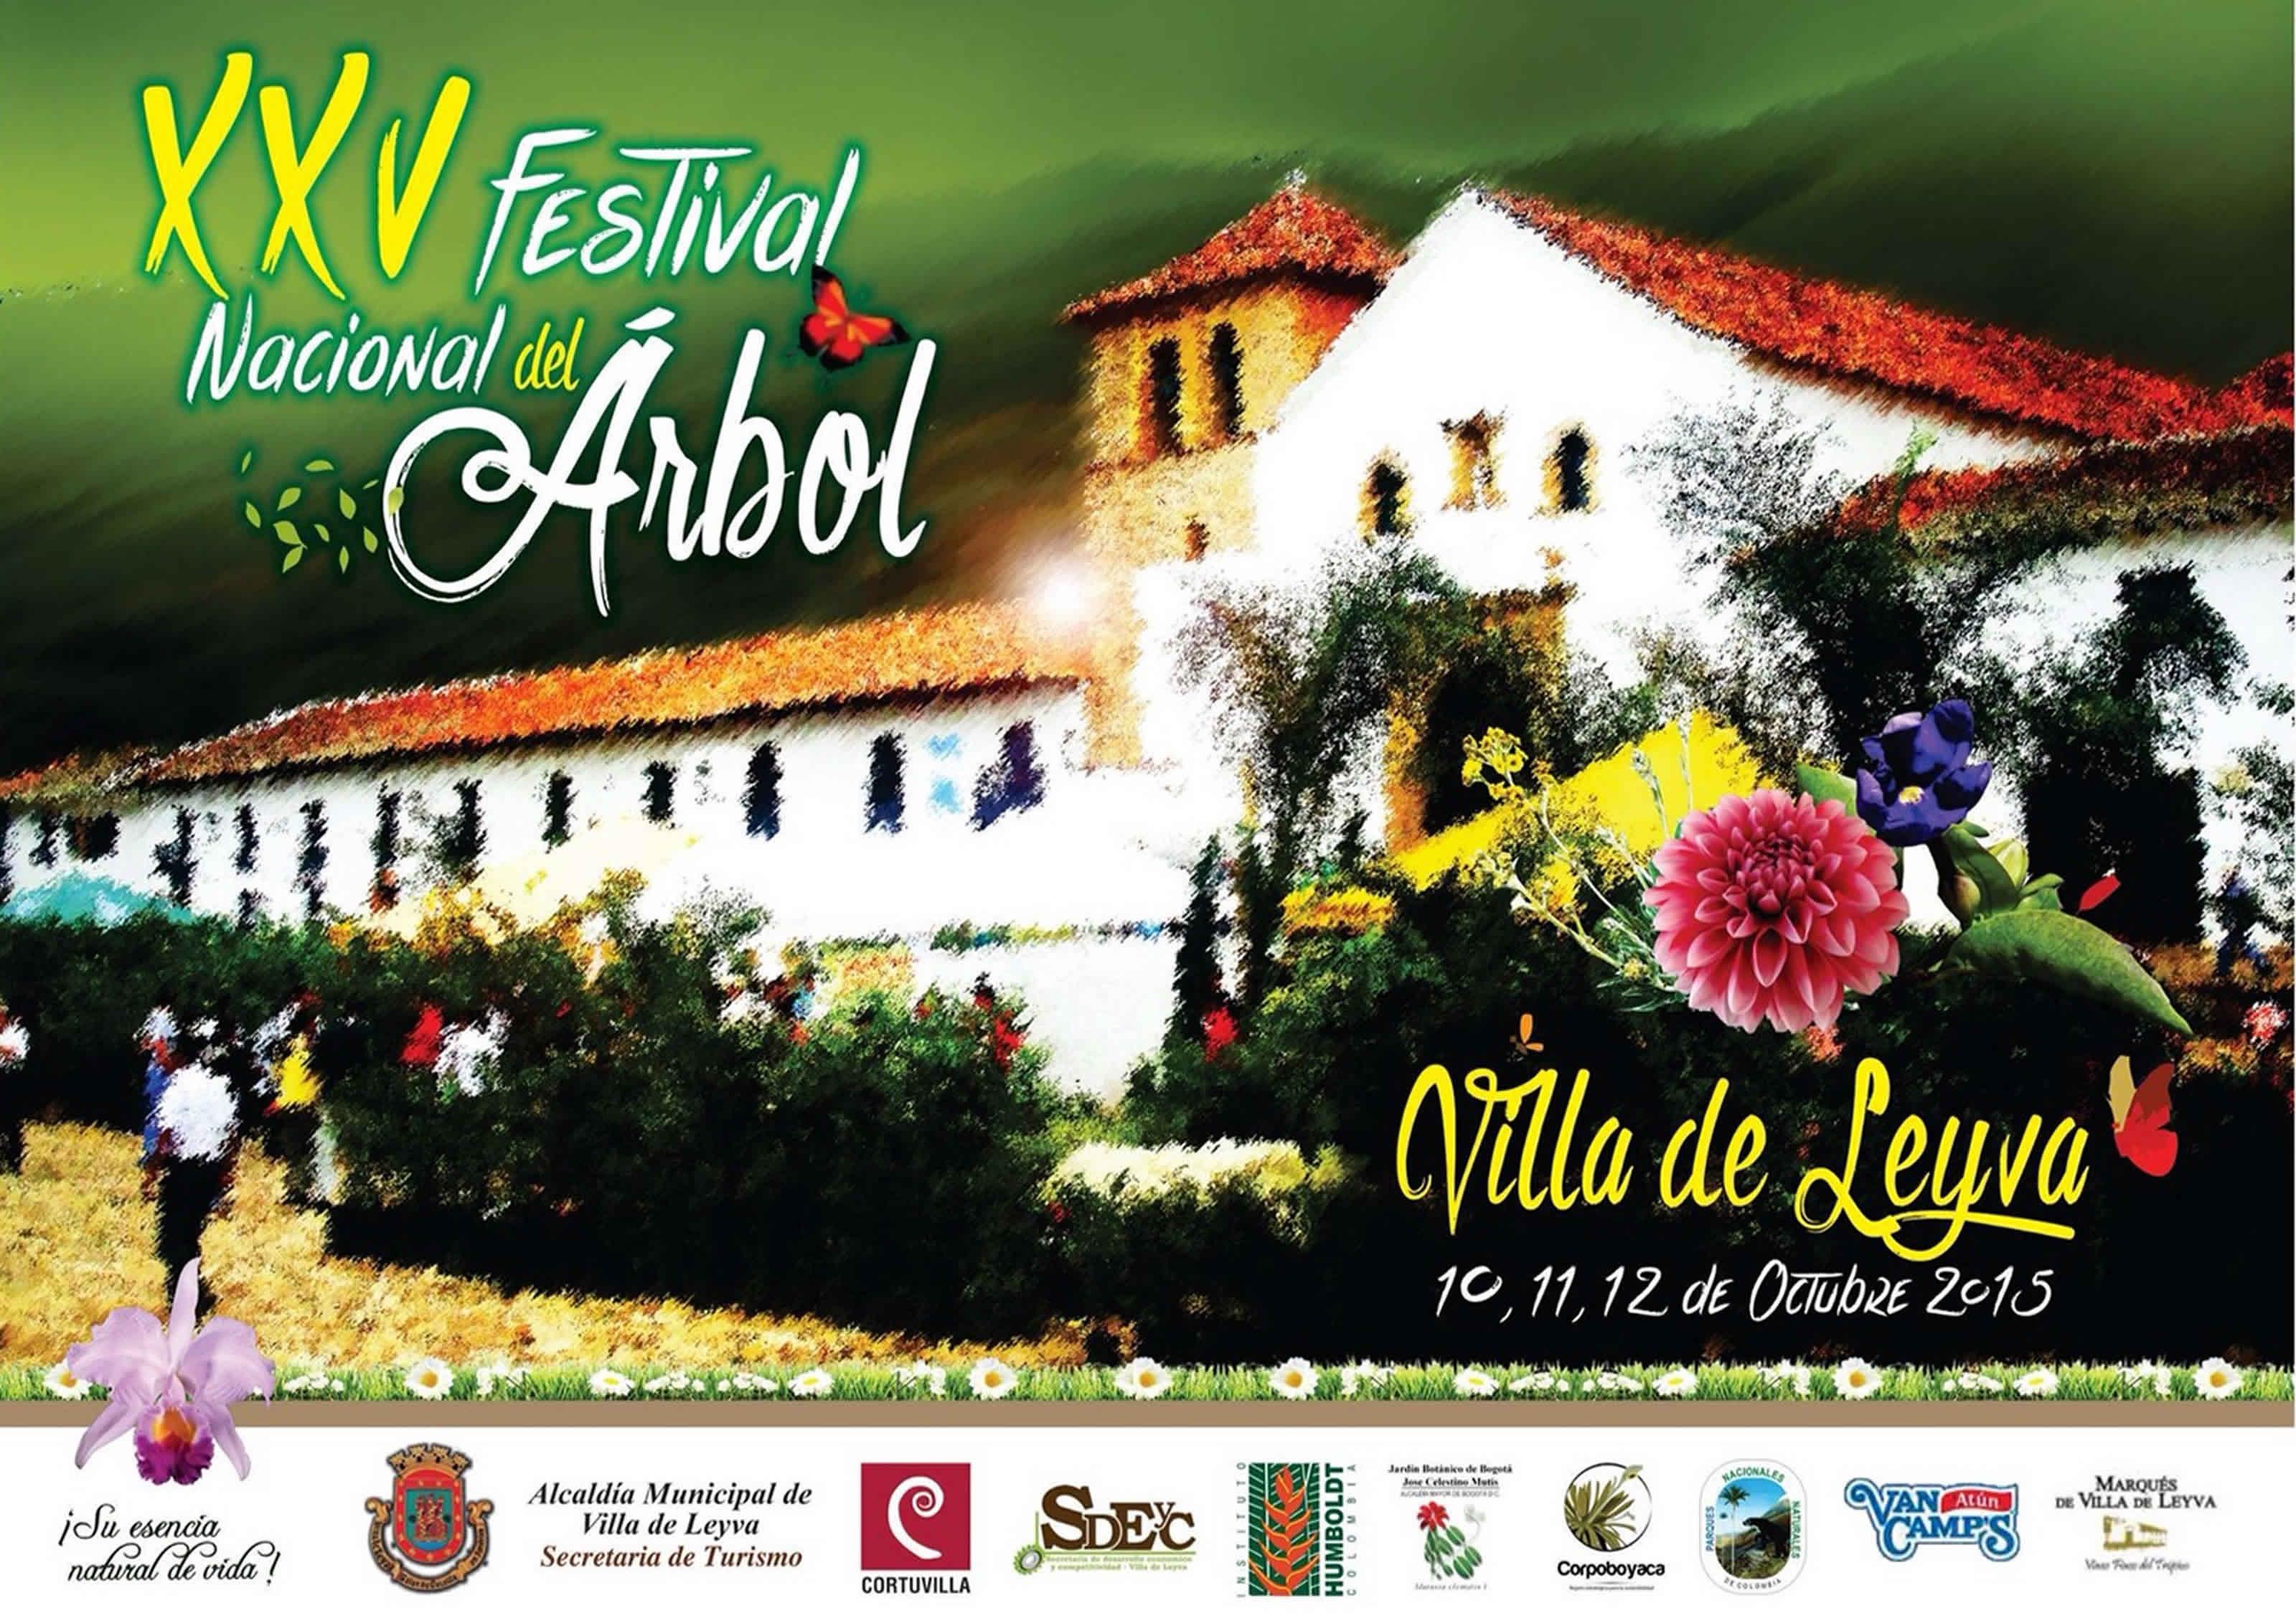 Afiche festival del árbol de Villa de Leyva 2015